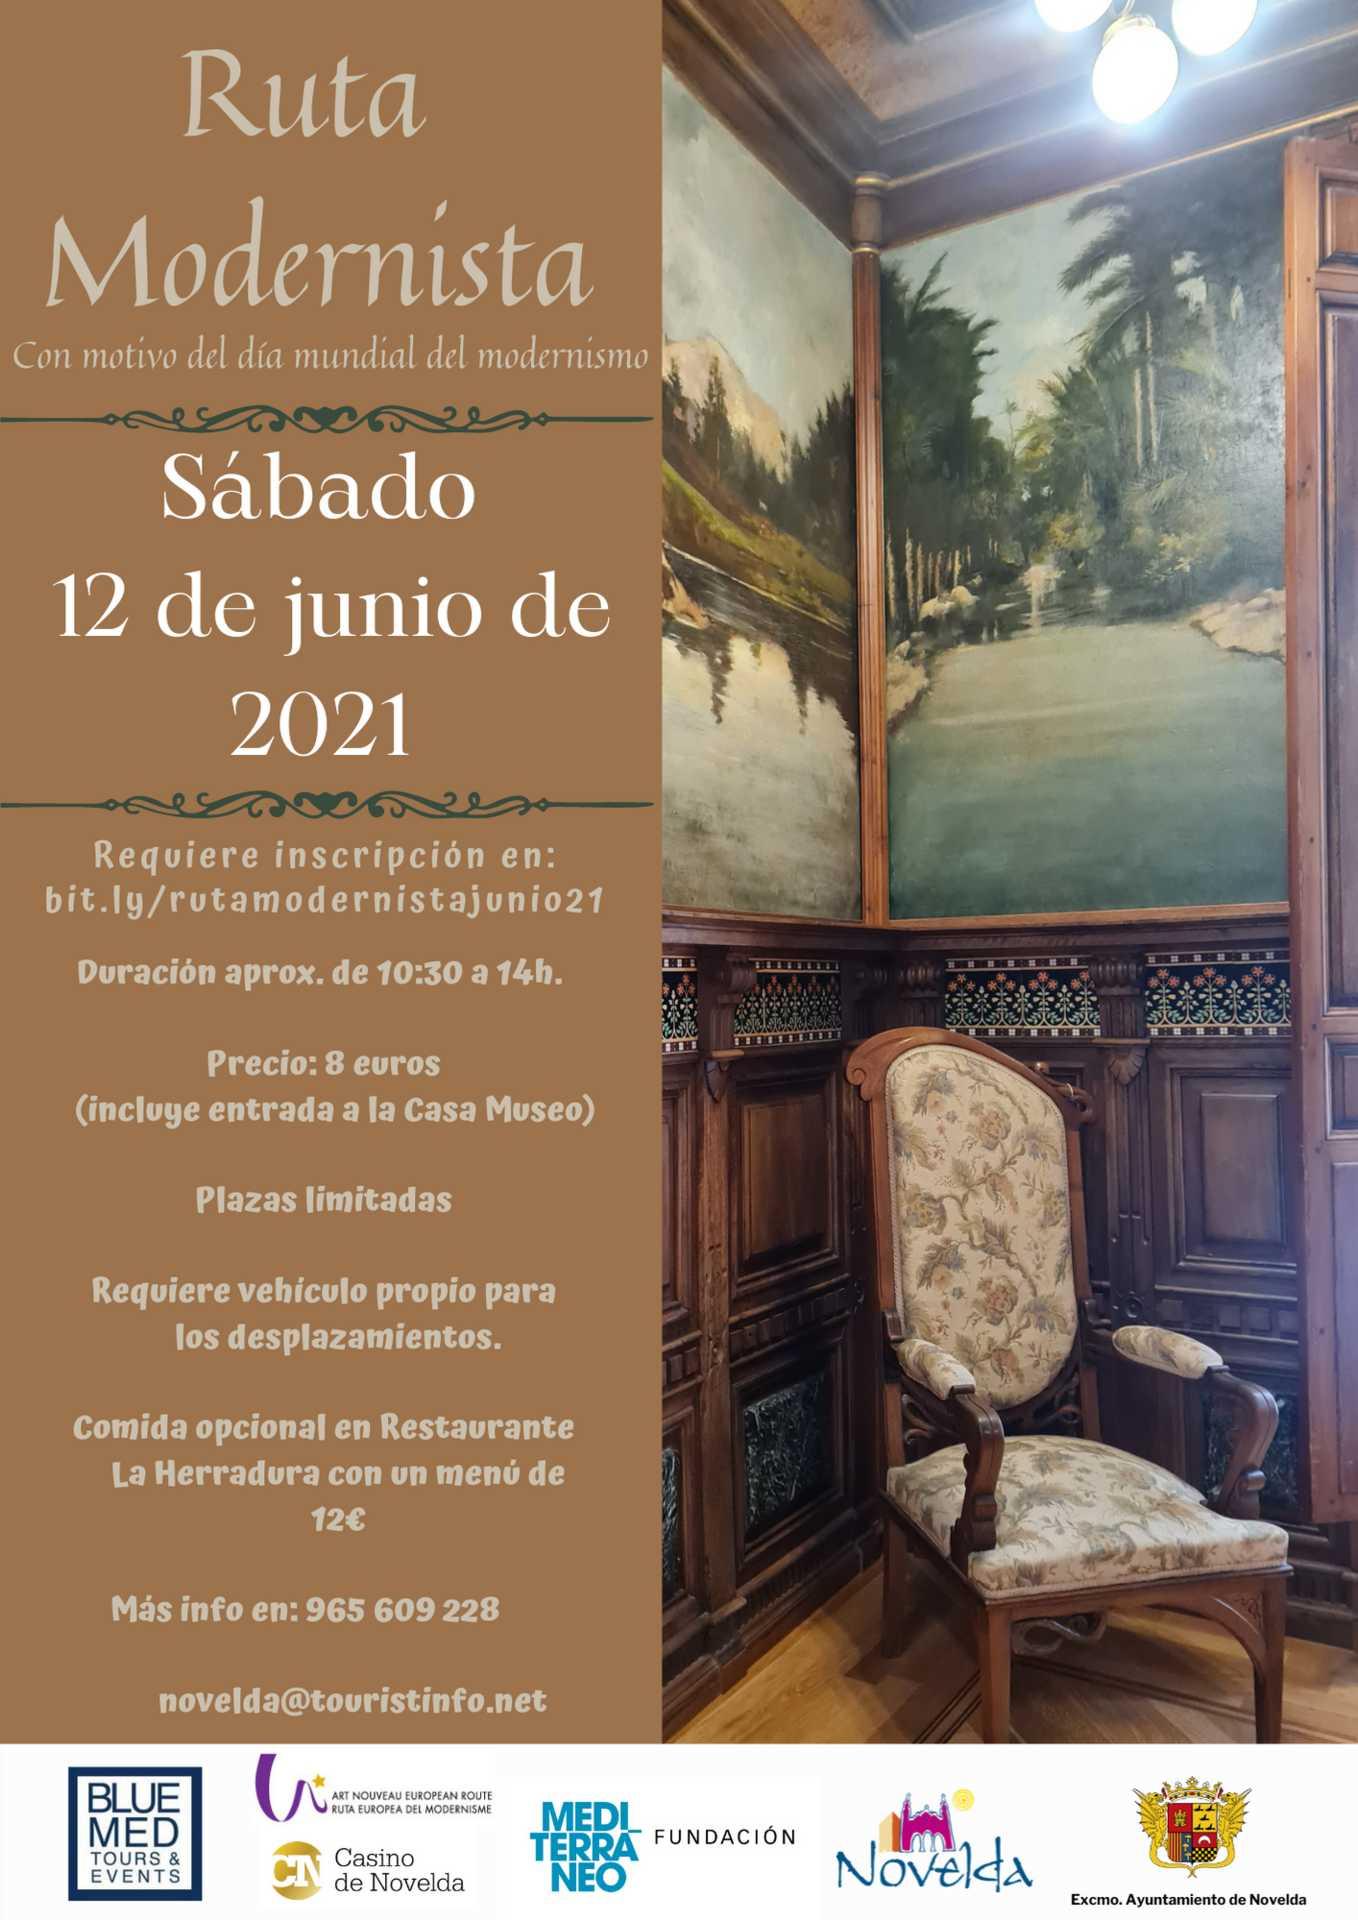 Ruta modernista 12 de junio 2021